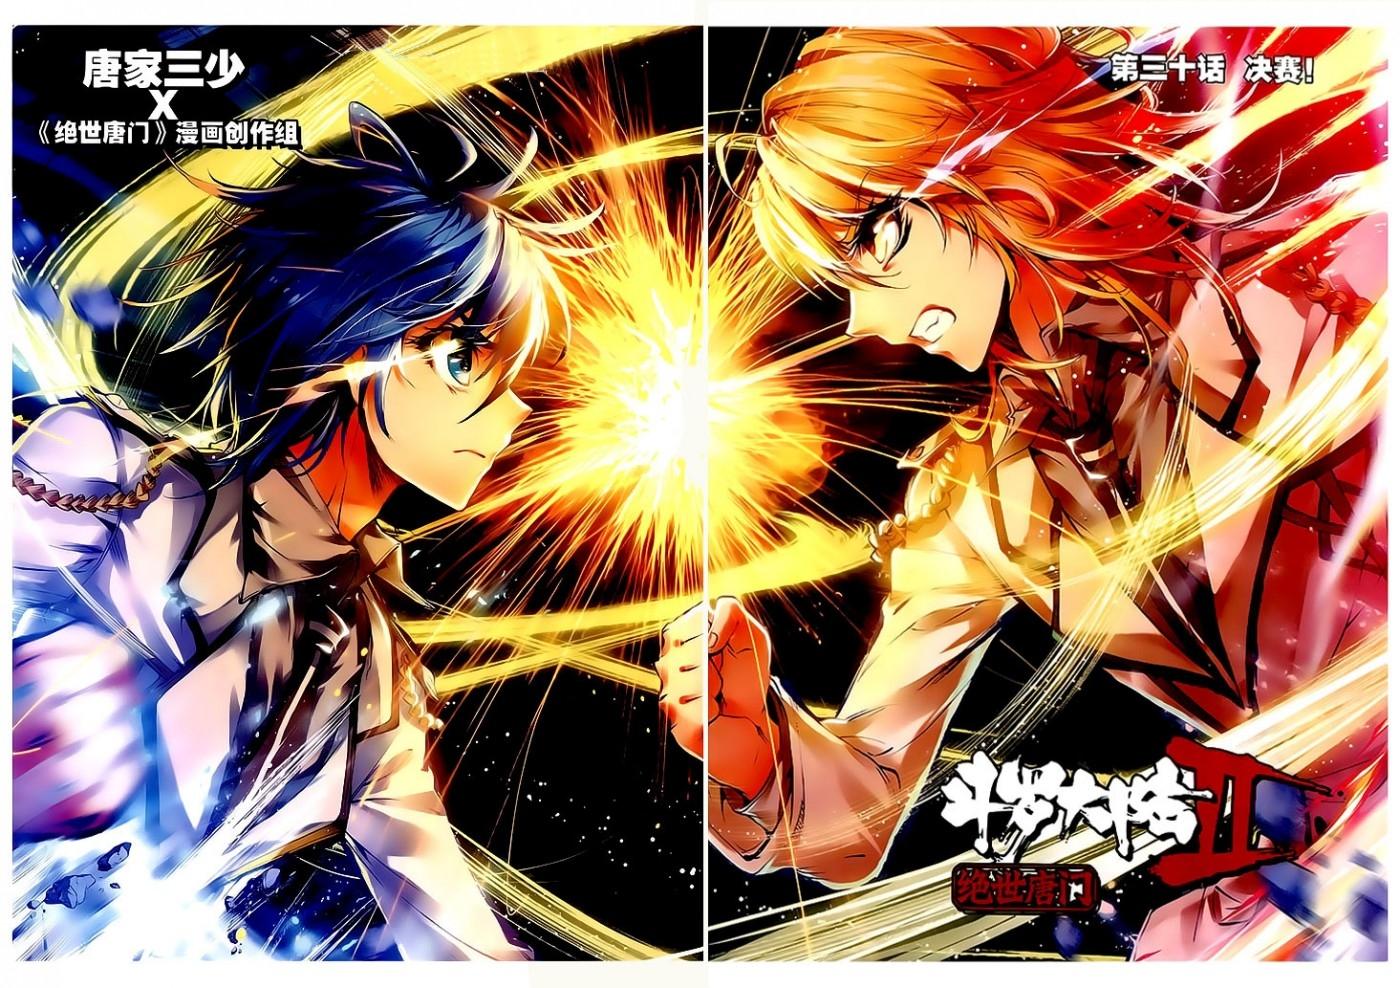 http://c5.ninemanga.com/es_manga/33/16417/422682/750f477be531b238efcc8cc4464c8732.jpg Page 1